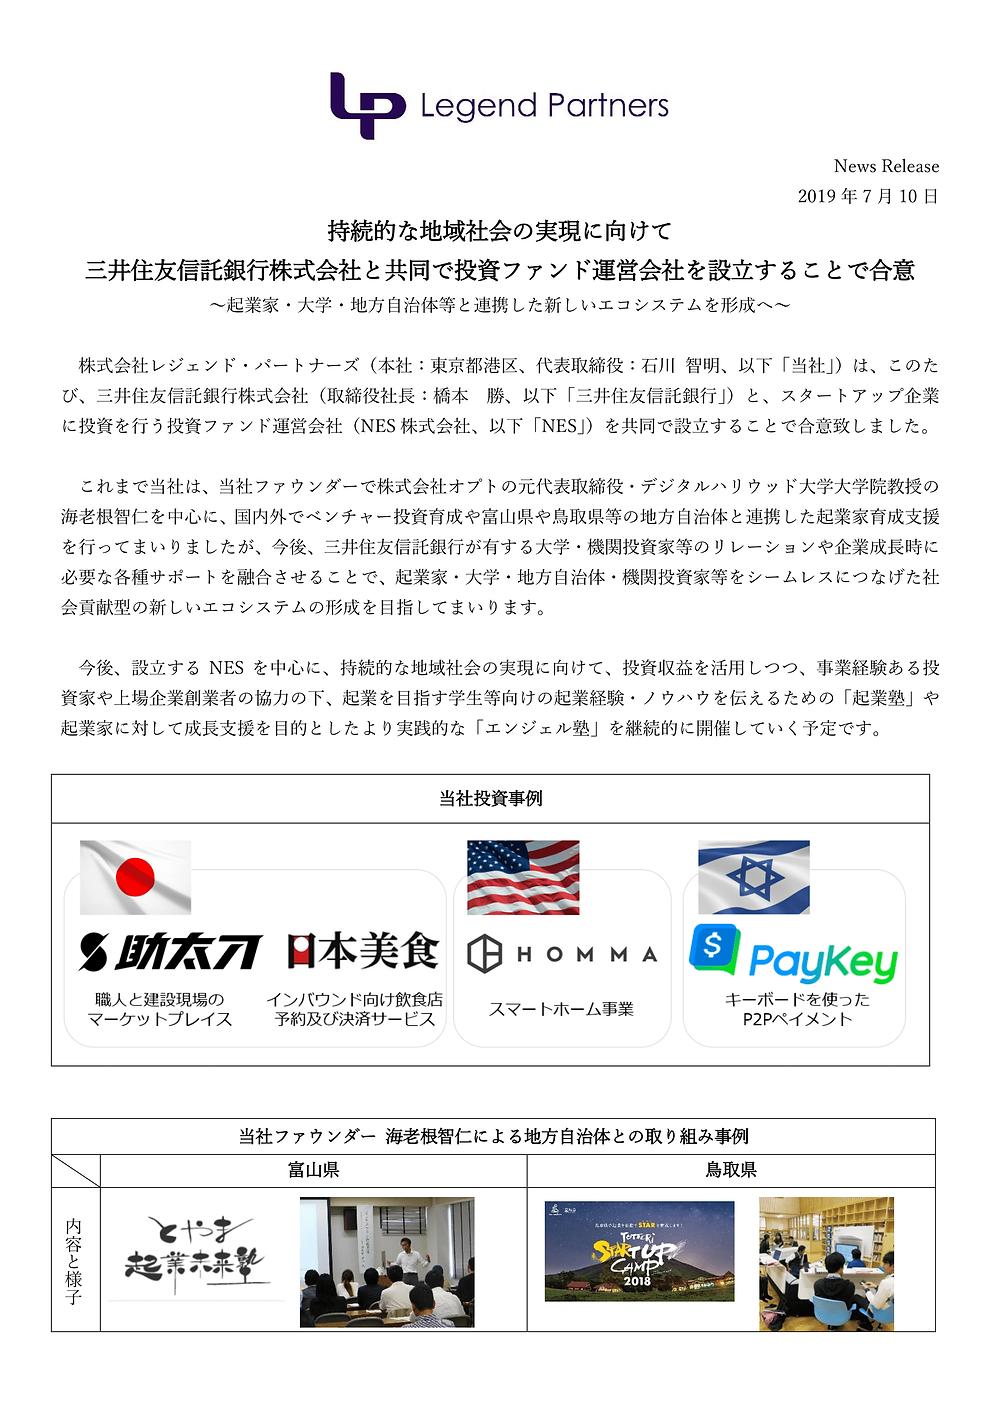 銀行 信託 信託 住友 三井 投資